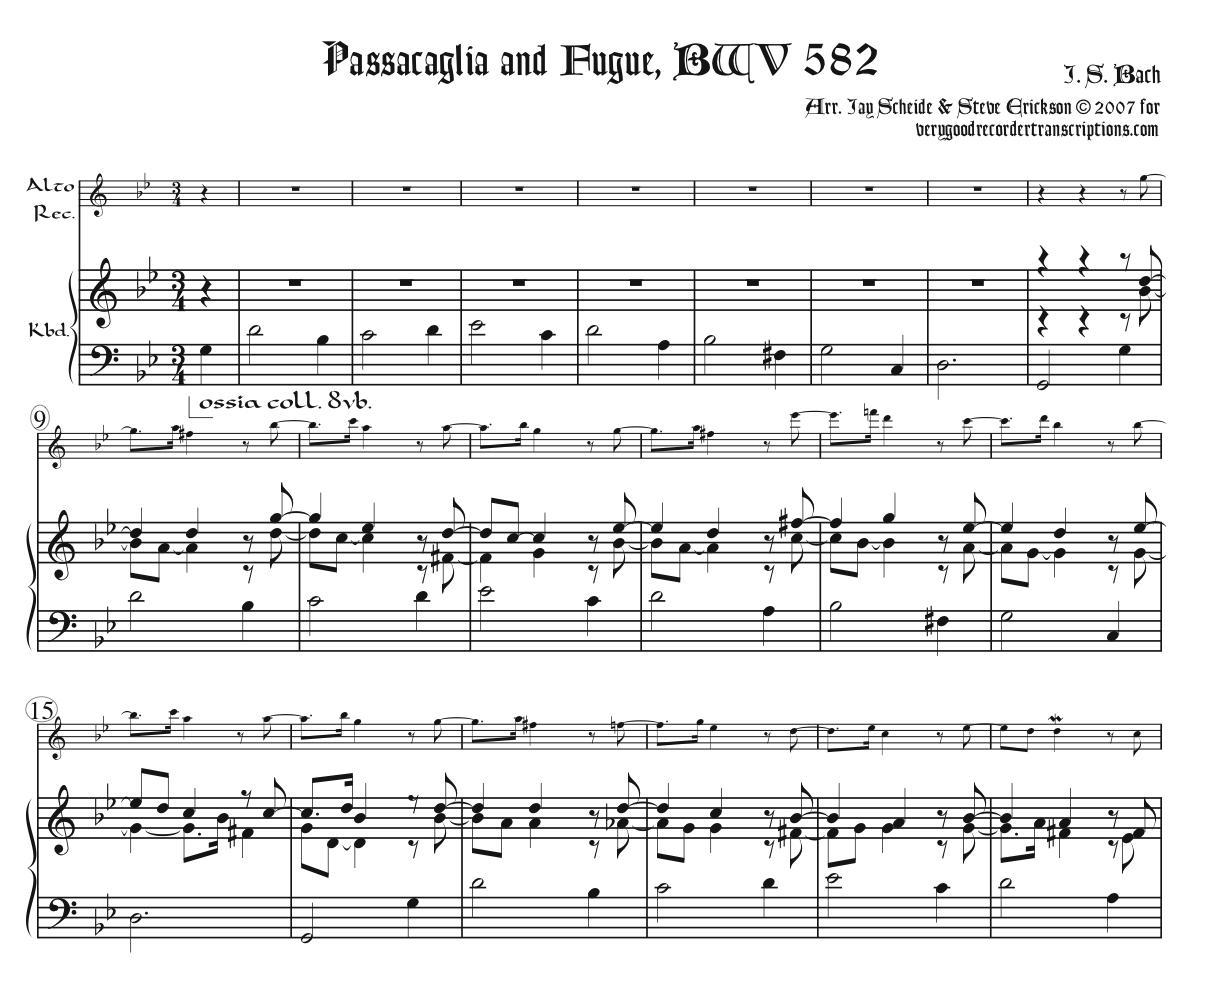 Passacaglia and Fugue, BWV 582